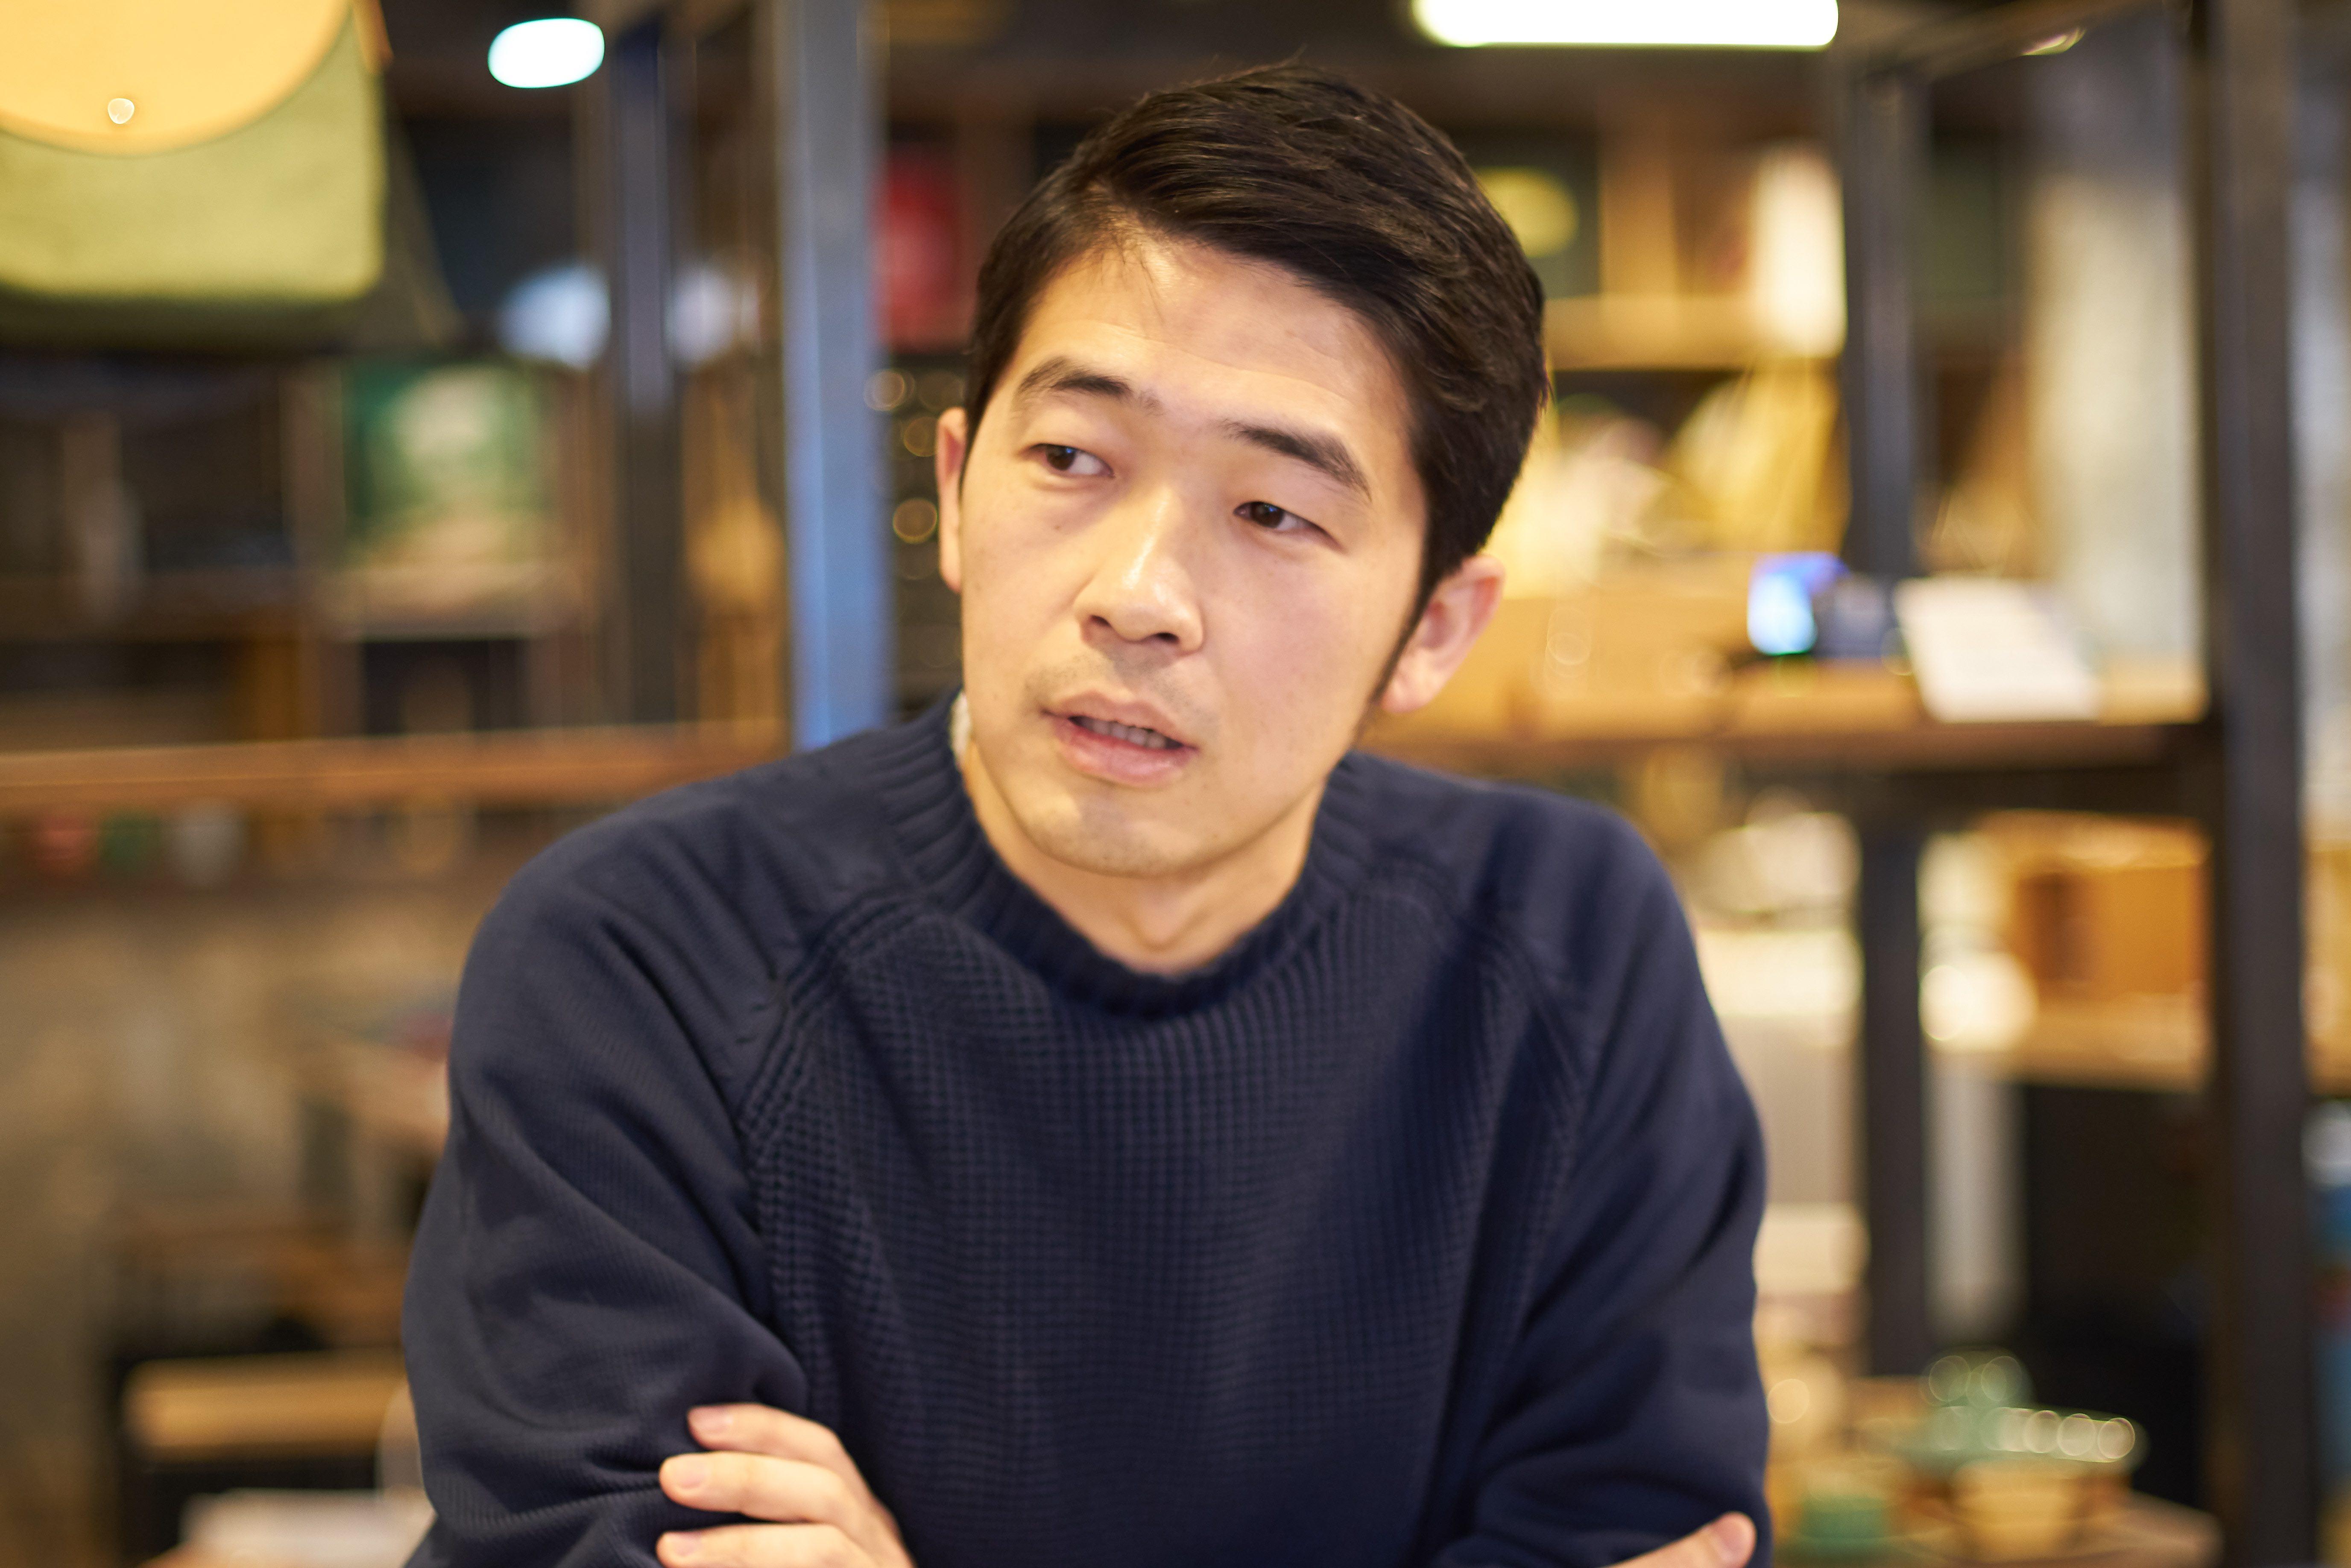 株式会社Makers' 松田純平さんさん